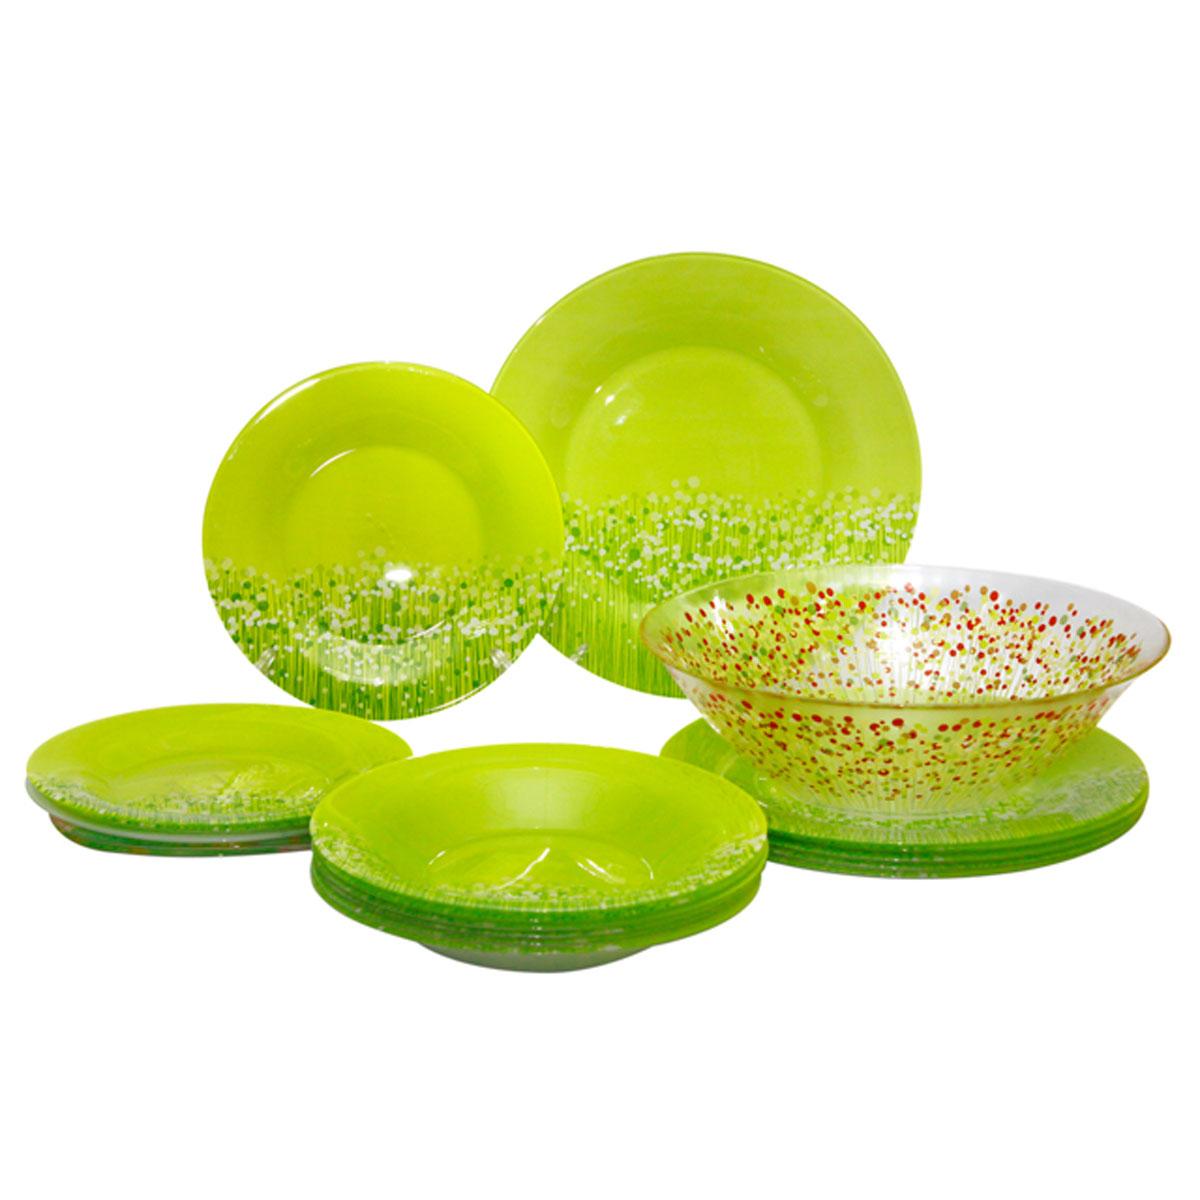 Набор столовой посуды Luminarc FlowerFields Anis, цвет: салатовый, красный, 19 предметовH2499Набор Luminarc FlowerFields Anis состоит из 6 суповых тарелок, 6 обеденных тарелок, 6 десертных тарелок и глубокого салатника. Изделия выполнены из ударопрочного стекла, имеют яркий дизайн с рисунком по краю и классическую круглую форму. Посуда отличается прочностью, гигиеничностью и долгим сроком службы, она устойчива к появлению царапин и резким перепадам температур. Такой набор прекрасно подойдет как для повседневного использования, так и для праздников или особенных случаев. Набор столовой посуды Luminarc FlowerFields Anis - это не только яркий и полезный подарок для родных и близких, а также великолепное дизайнерское решение для вашей кухни или столовой. Можно мыть в посудомоечной машине и использовать в микроволновой печи. Диаметр суповой тарелки: 21,5 см. Высота суповой тарелки: 3 см. Диаметр обеденной тарелки: 25 см. Высота обеденной тарелки: 1,5 см. Диаметр десертной тарелки: 19,5 см. ...